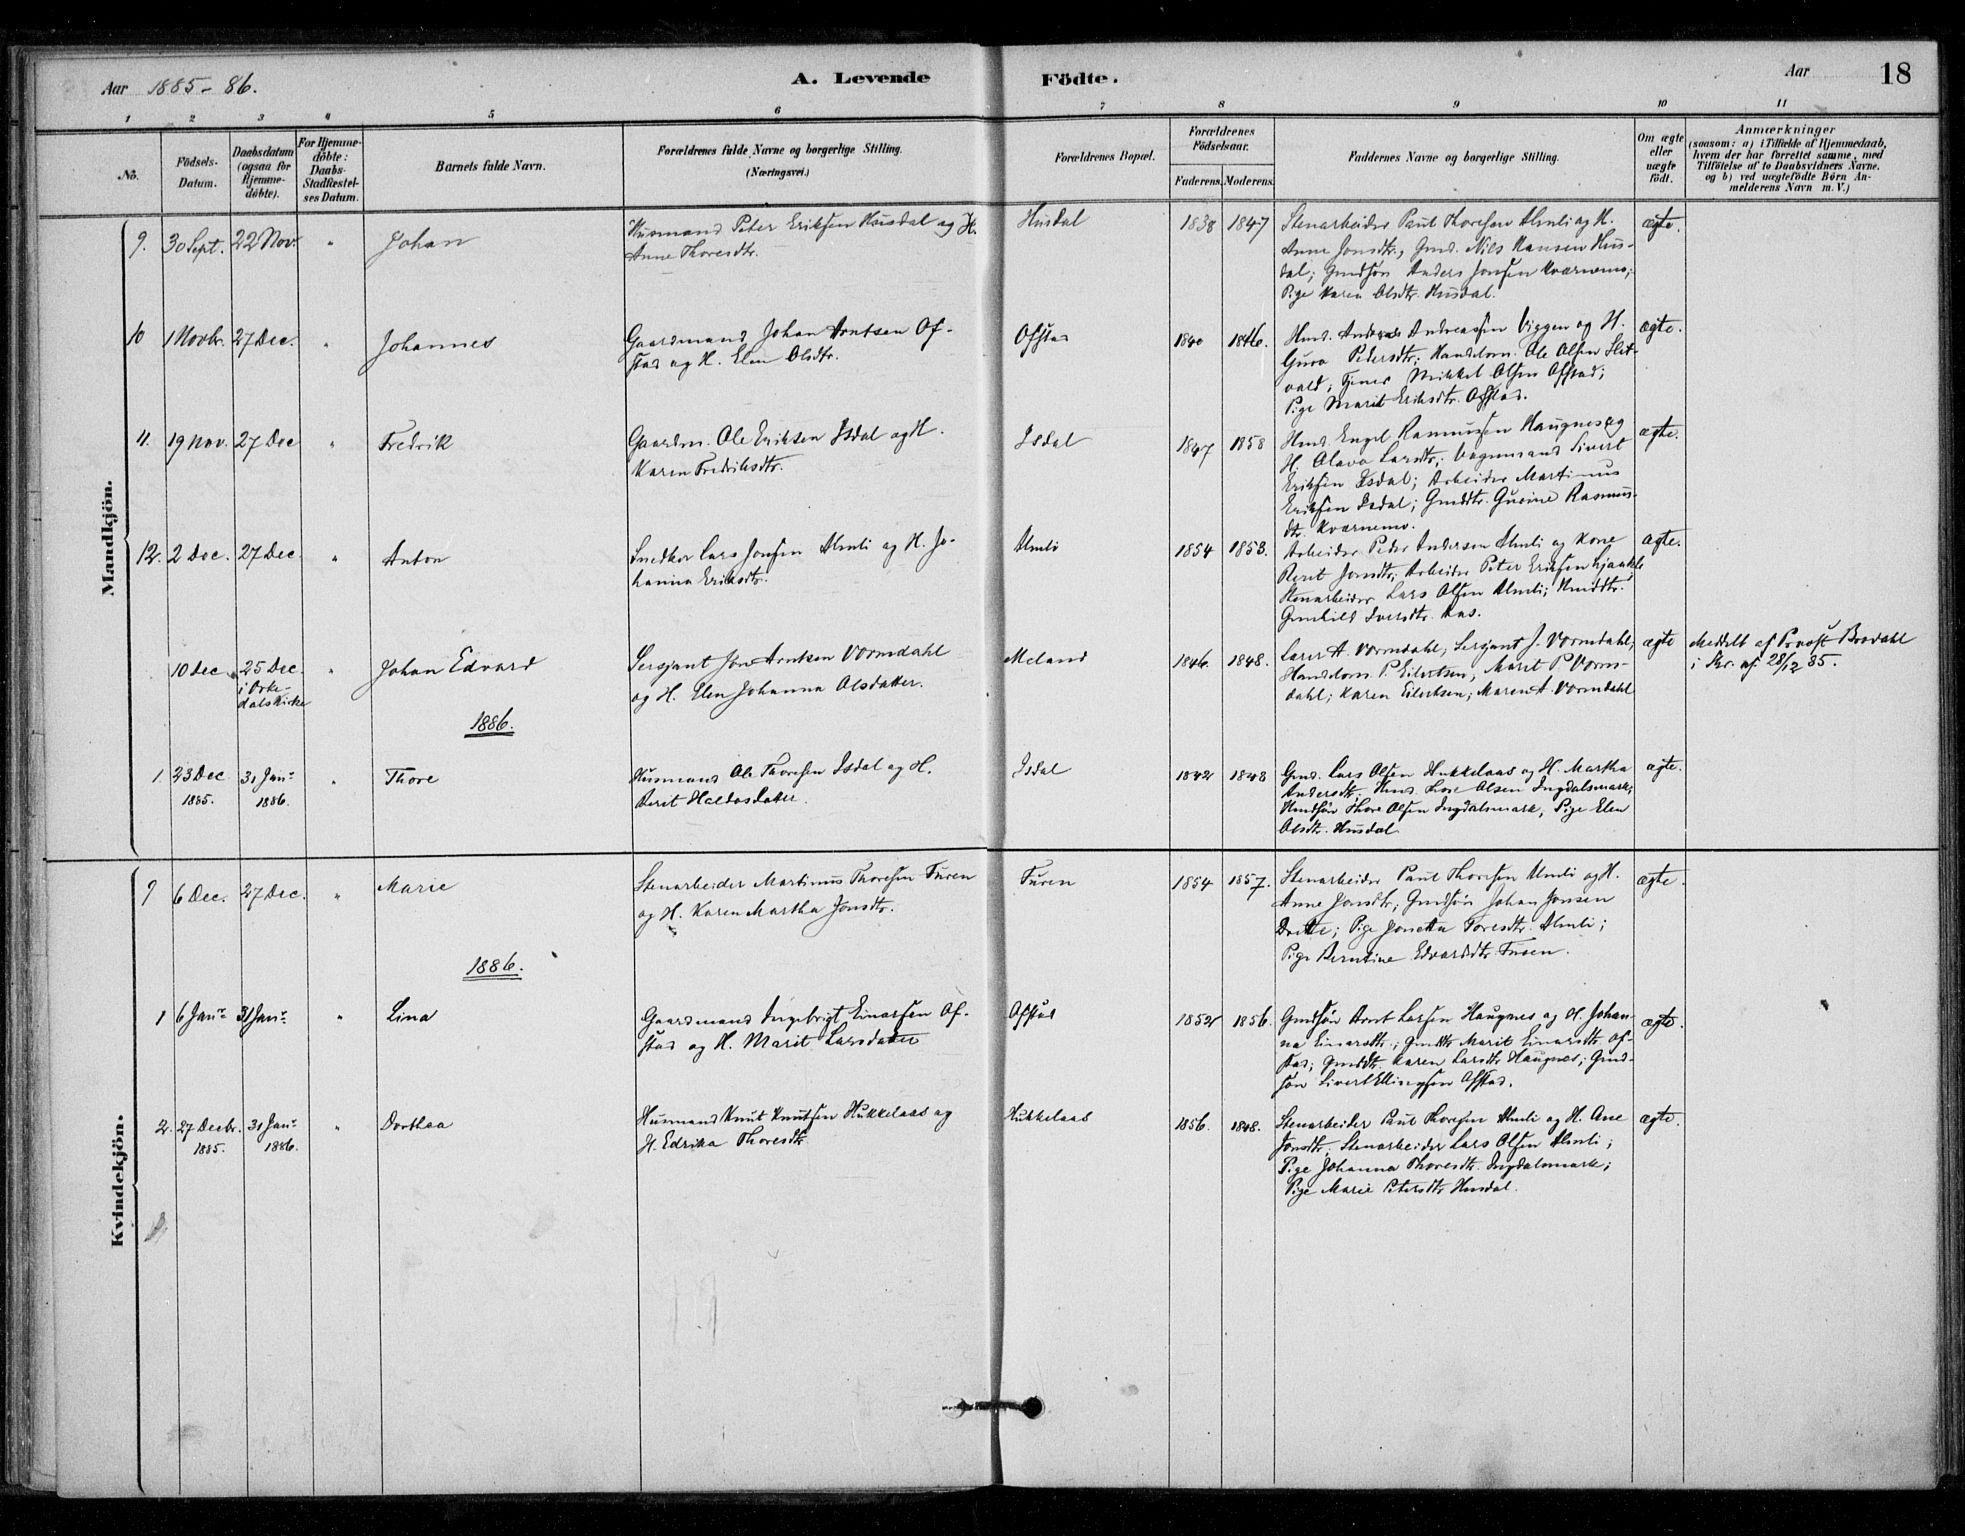 SAT, Ministerialprotokoller, klokkerbøker og fødselsregistre - Sør-Trøndelag, 670/L0836: Ministerialbok nr. 670A01, 1879-1904, s. 18